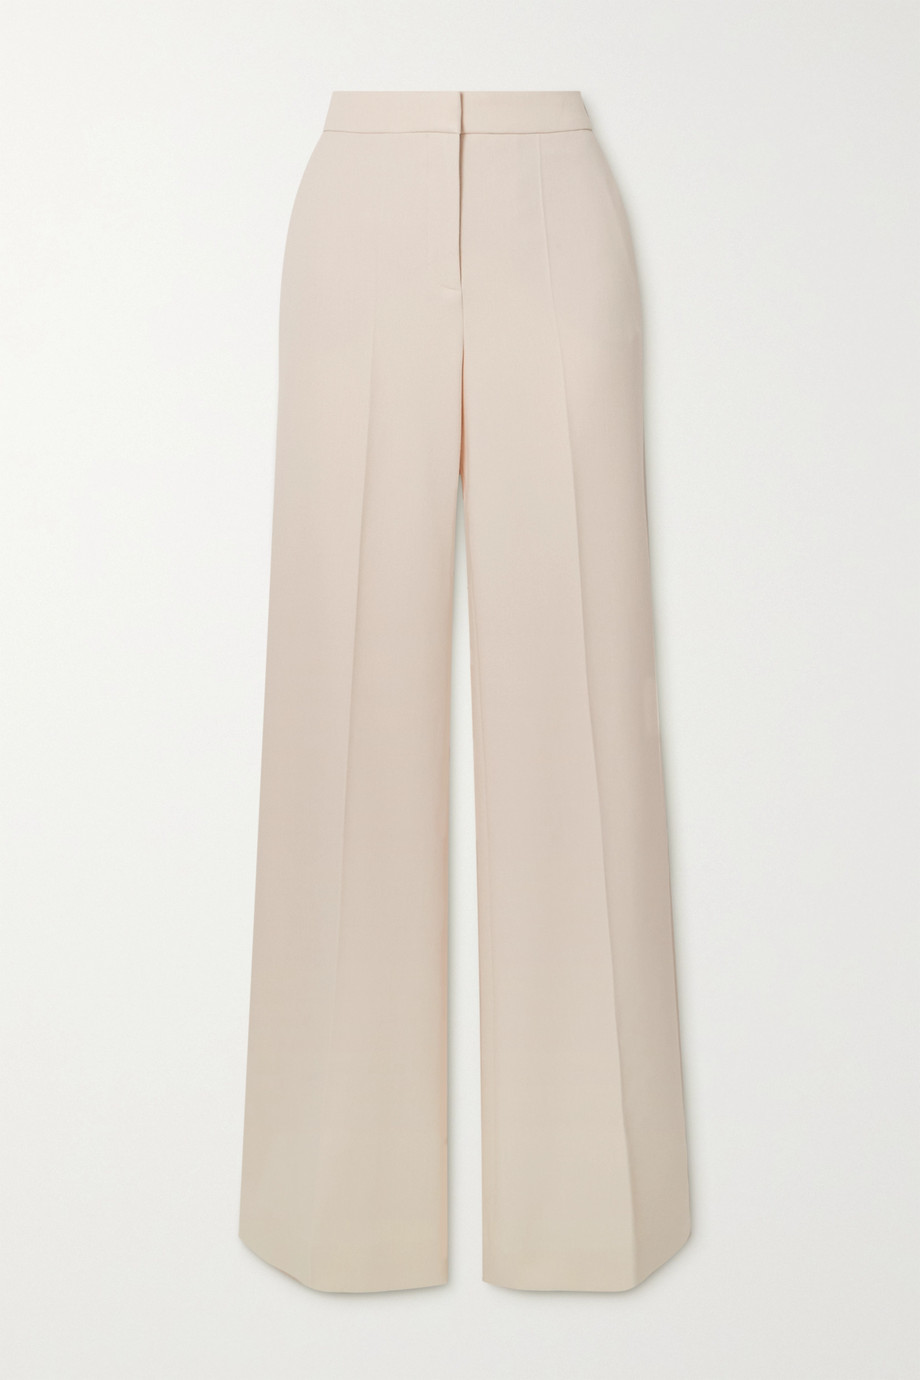 Victoria, Victoria Beckham Crepe wide-leg pants